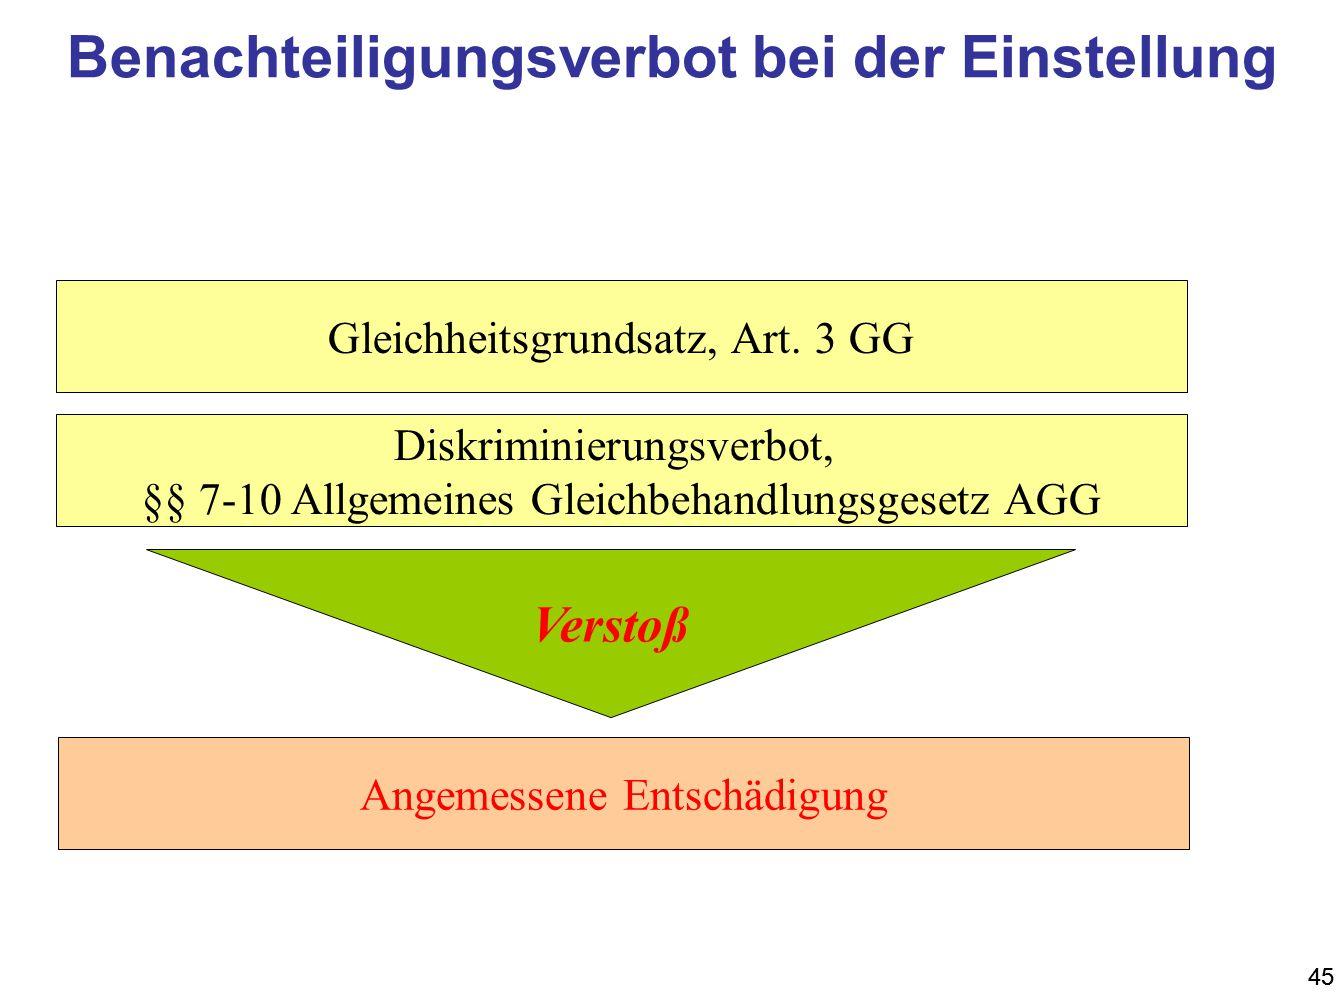 45 Gleichheitsgrundsatz, Art. 3 GG Diskriminierungsverbot, §§ 7-10 Allgemeines Gleichbehandlungsgesetz AGG Verstoß Angemessene Entschädigung Benachtei